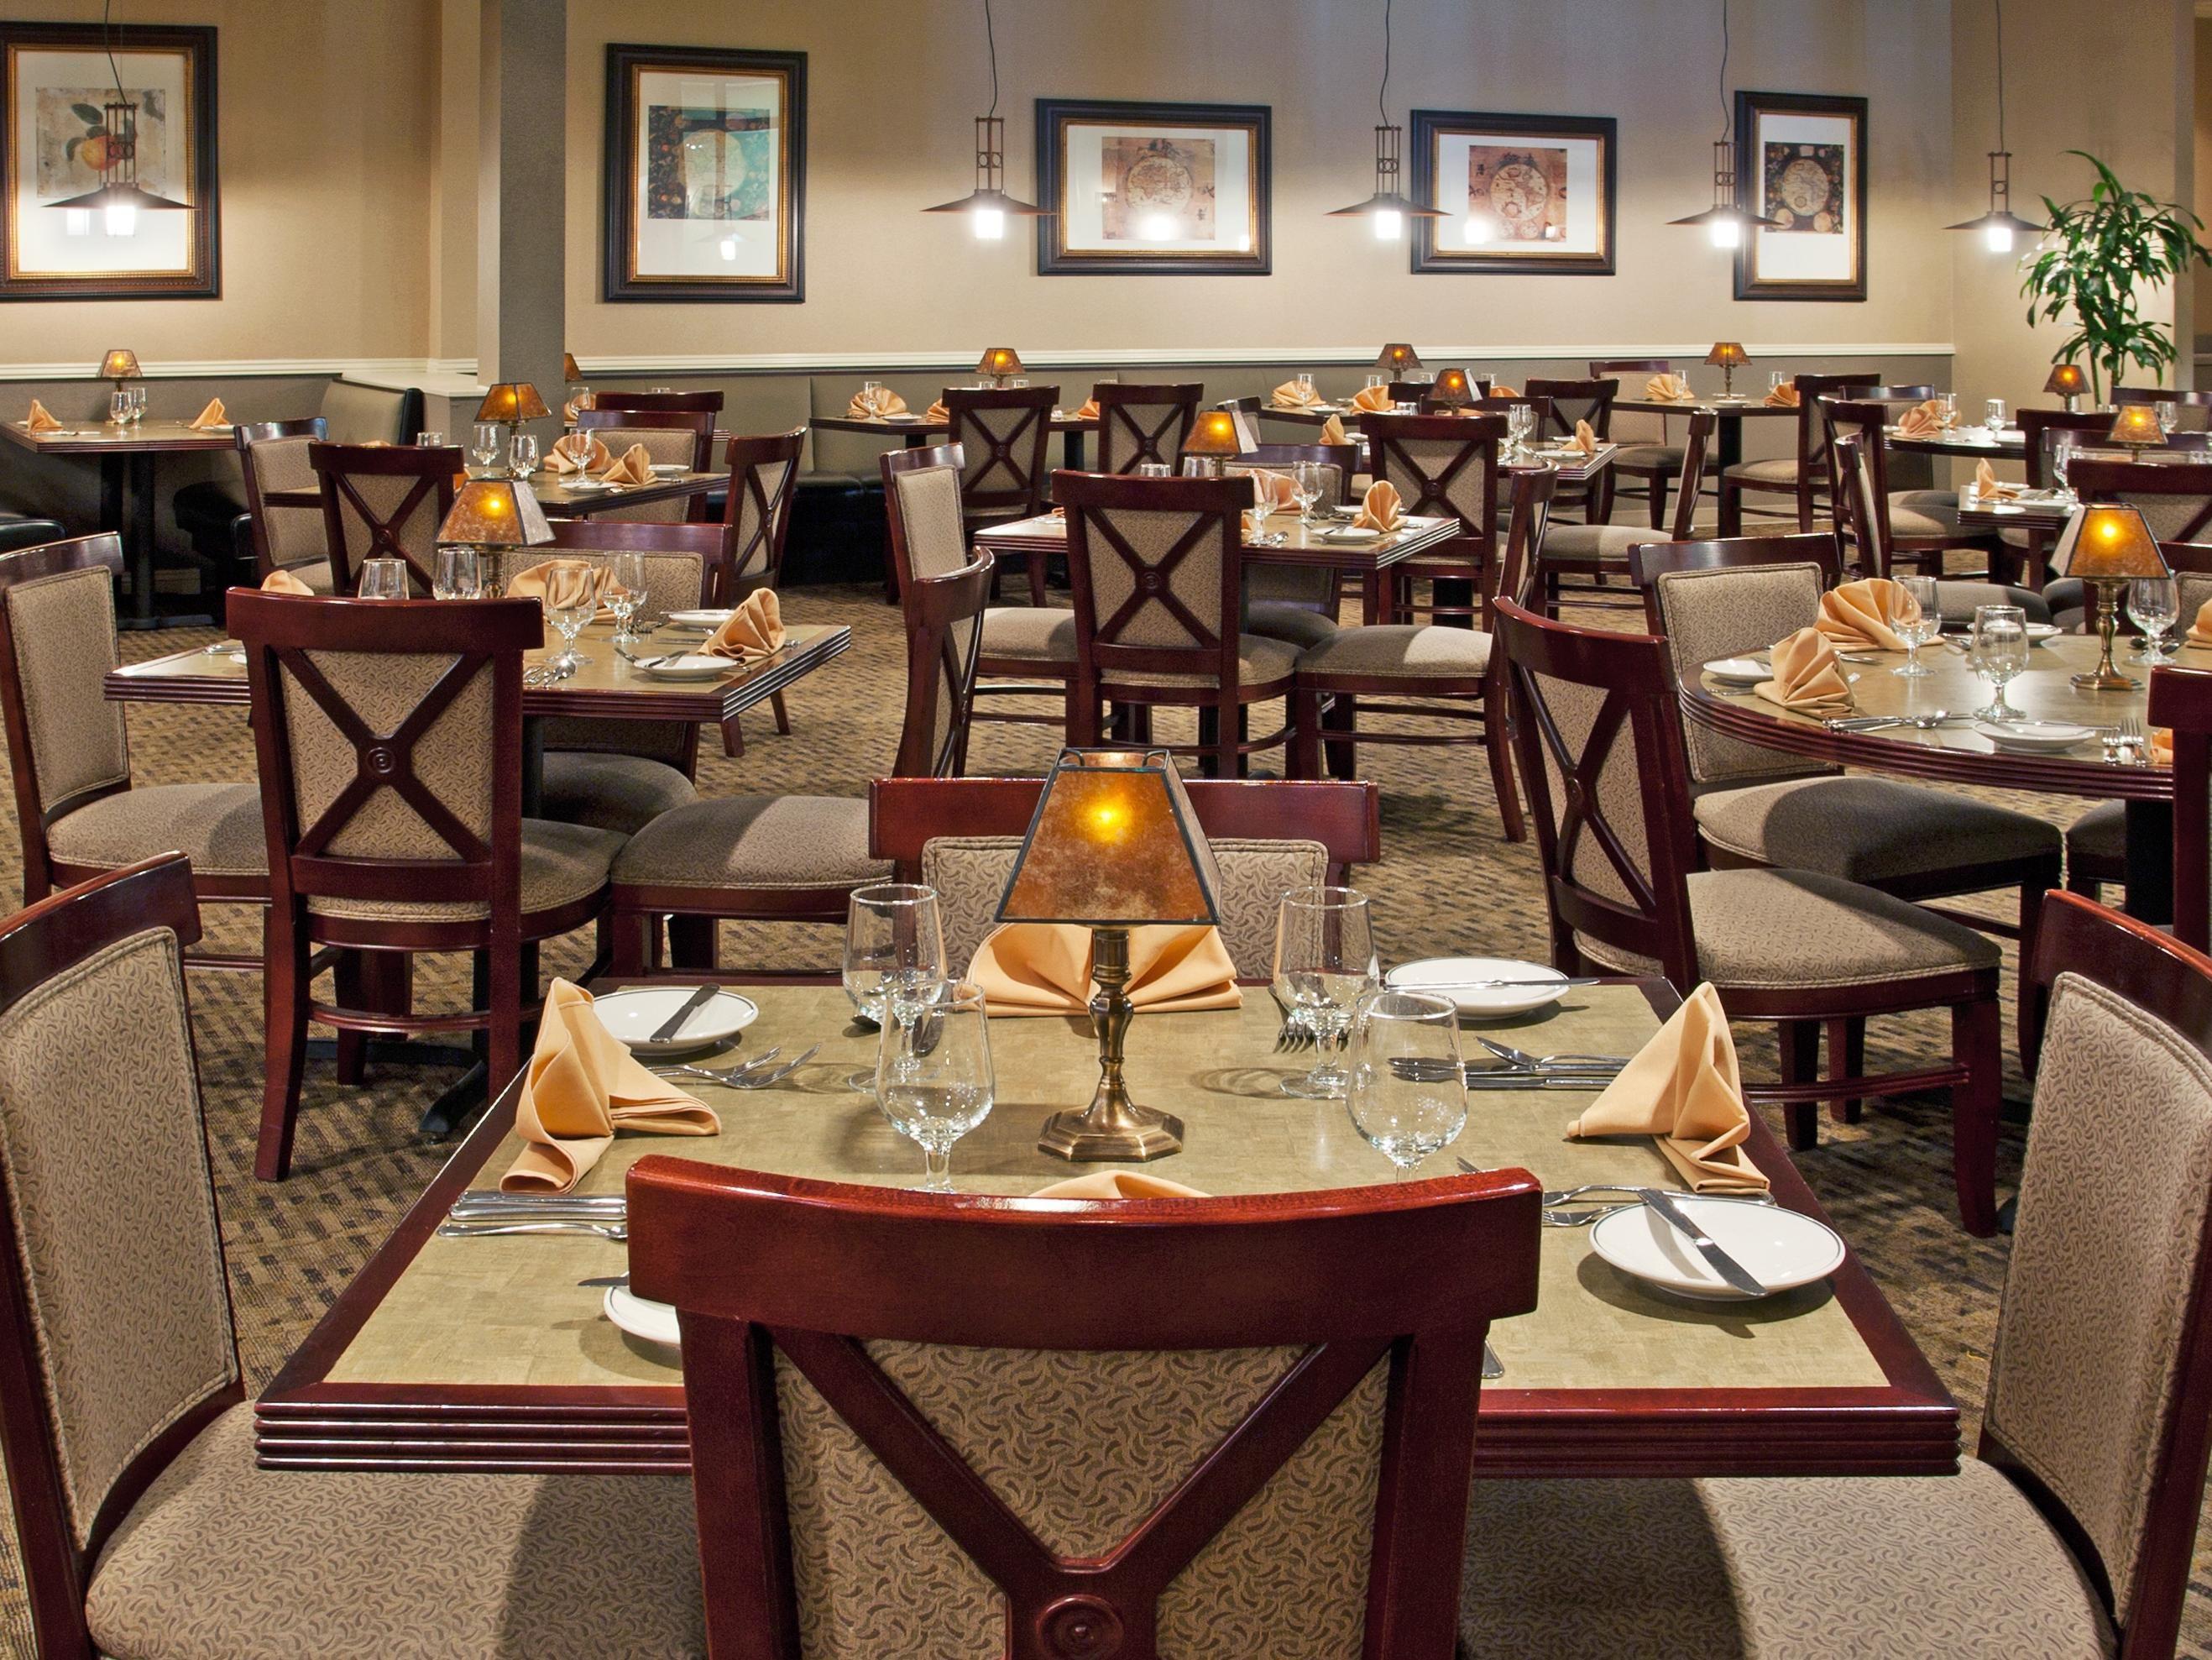 Diningphotos Restaurant Groupsandmeetingsphotos